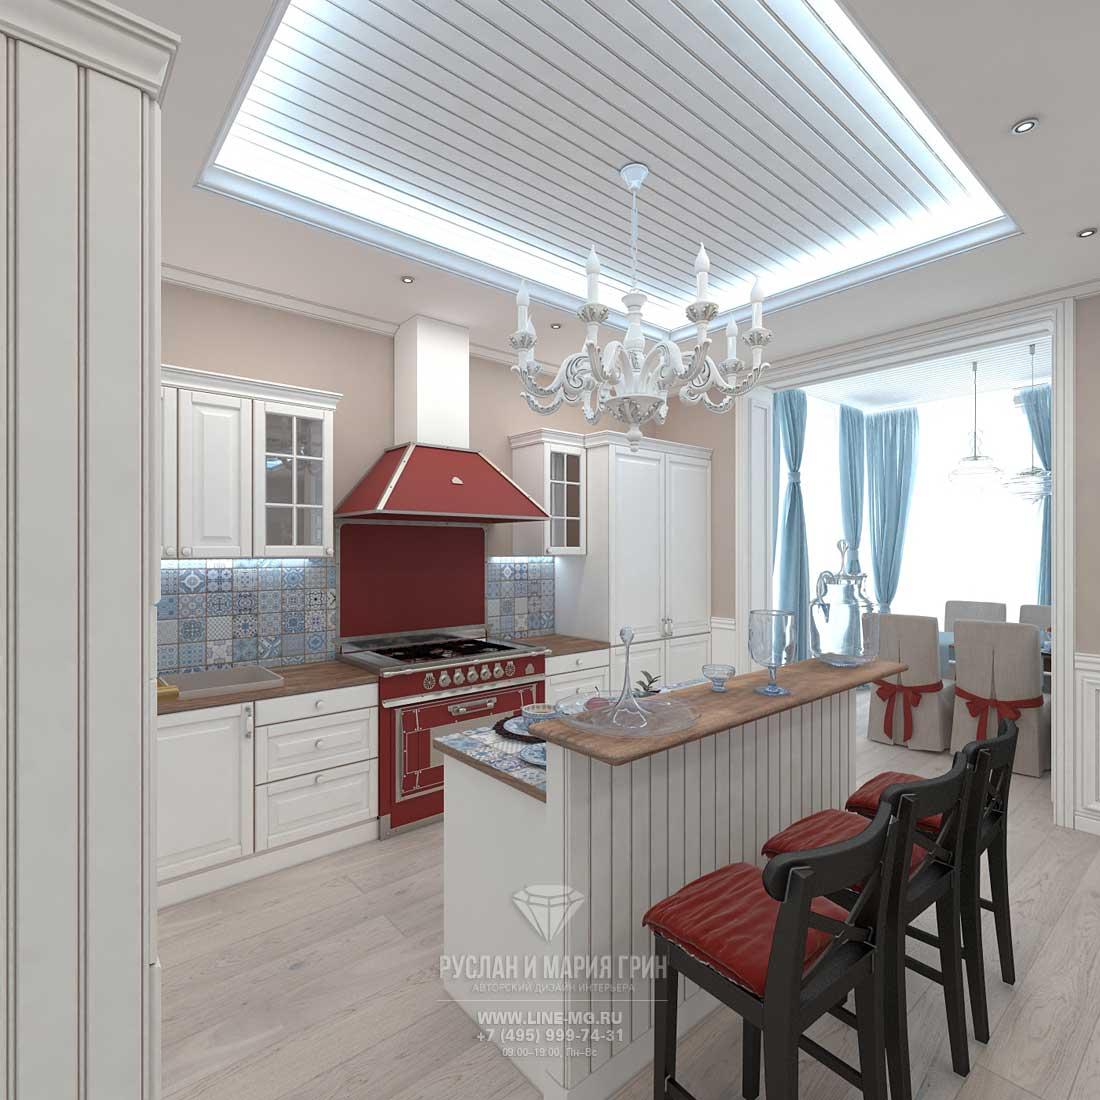 Дизайнерский ремонт кухни-столовой под ключ. Фото интерьера